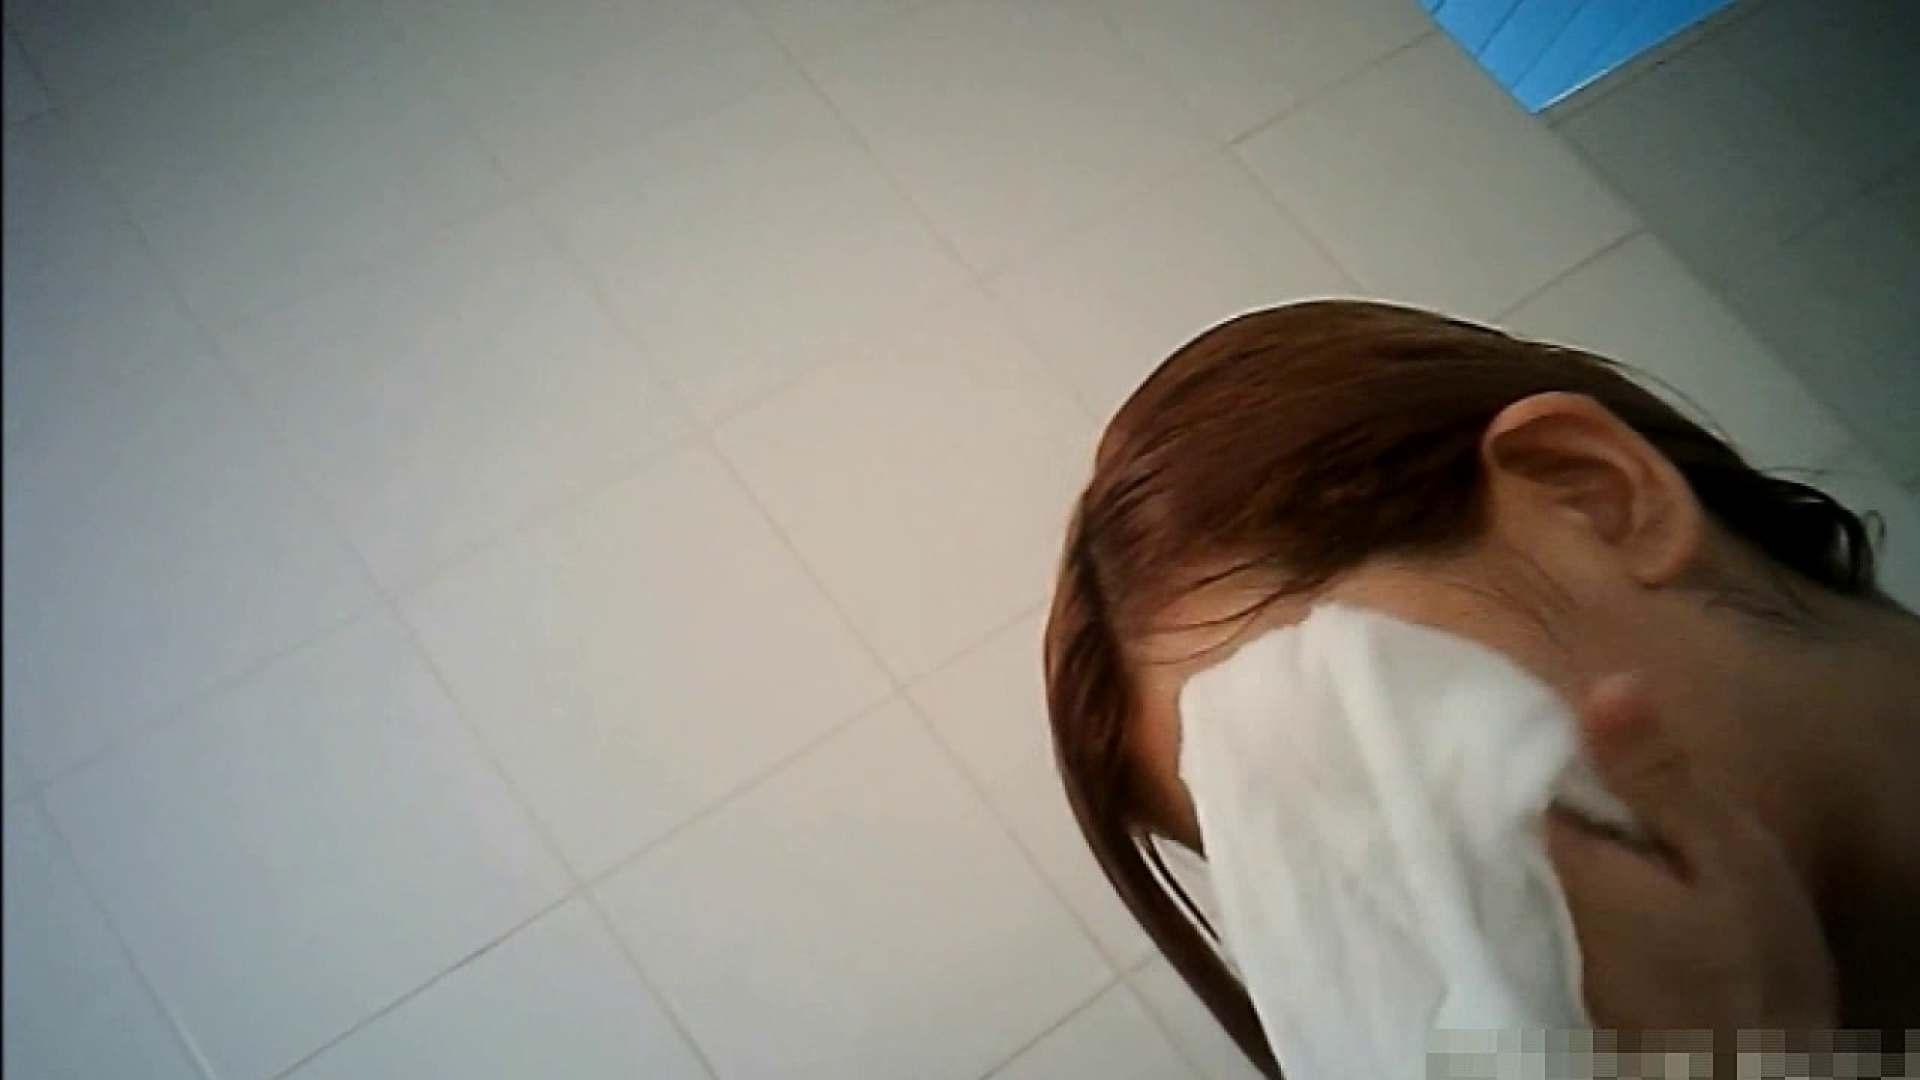 vol.7 【Mちゃん(入浴)】ブランド品査定士19歳 巨乳ギャル 女子大生 | 入浴中のオンナ  81pic 73